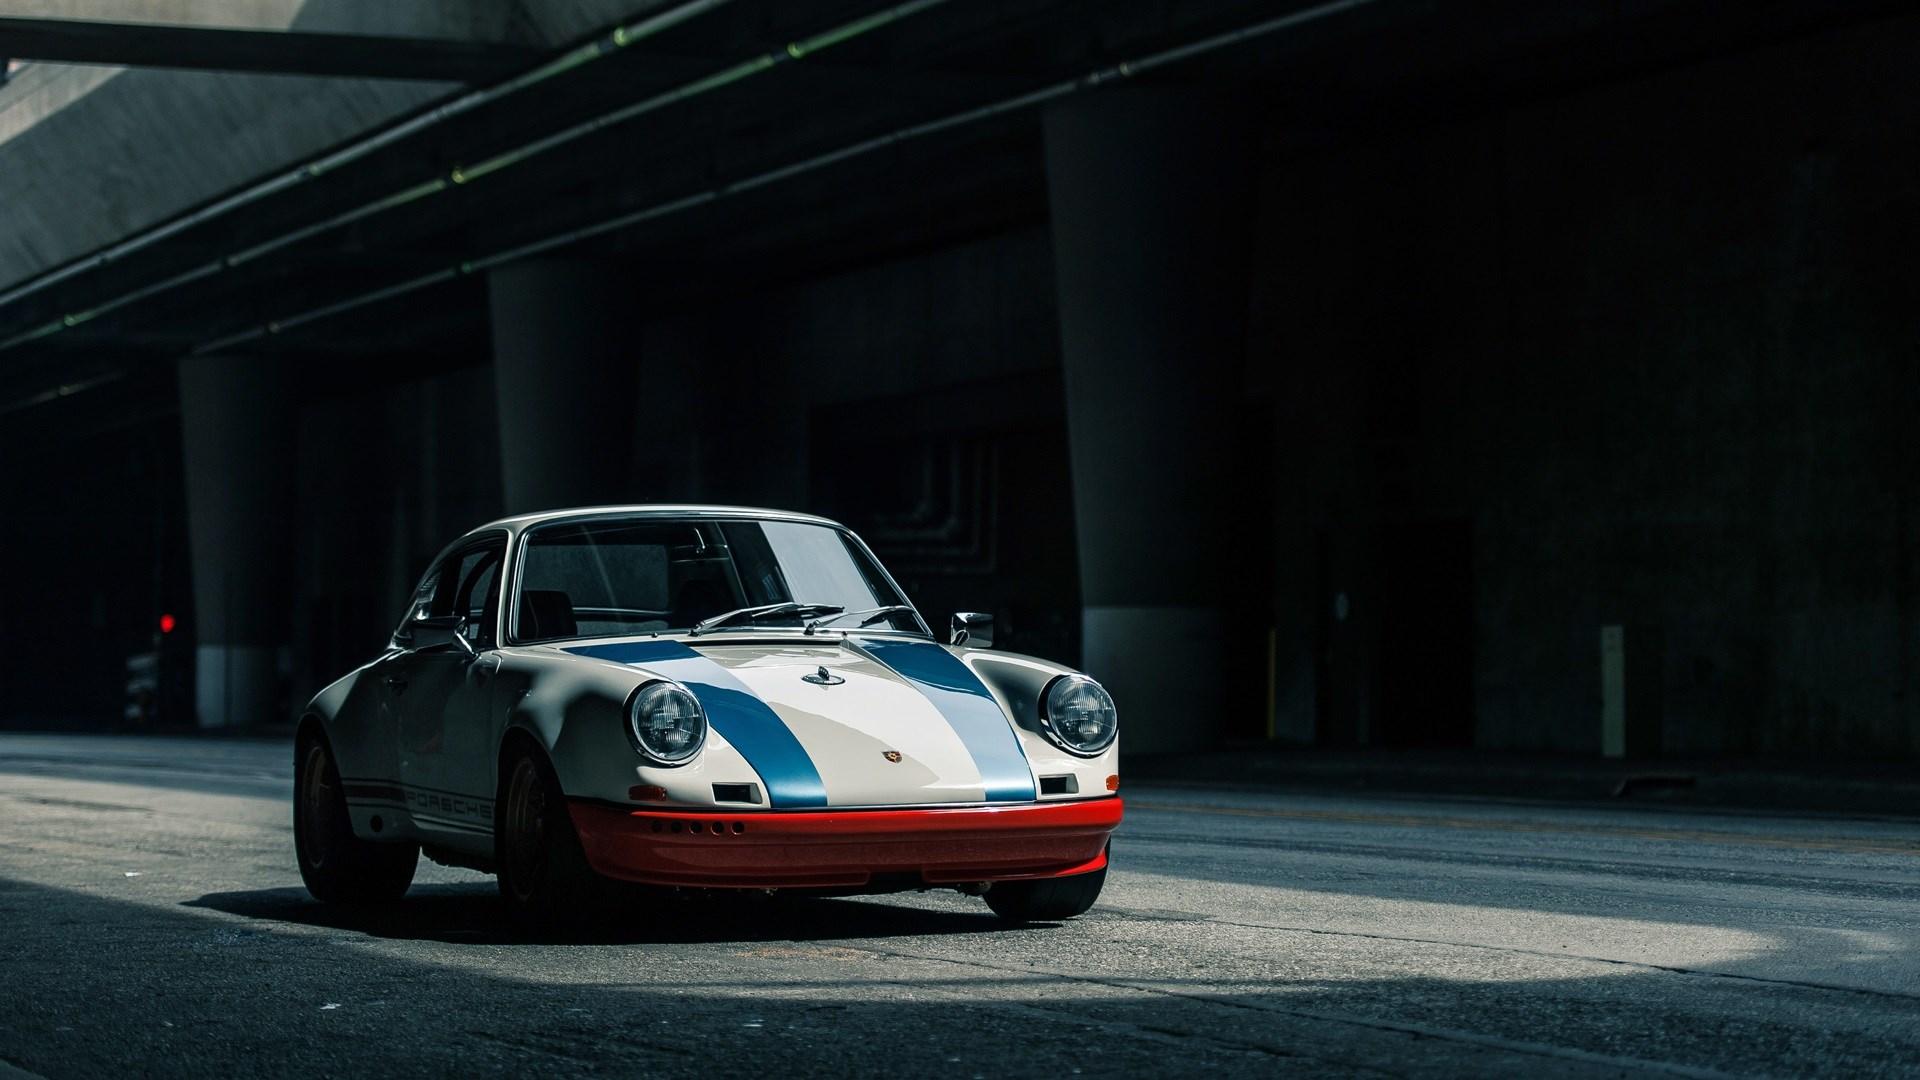 Porsche Wallpaper 1920x1080 48189